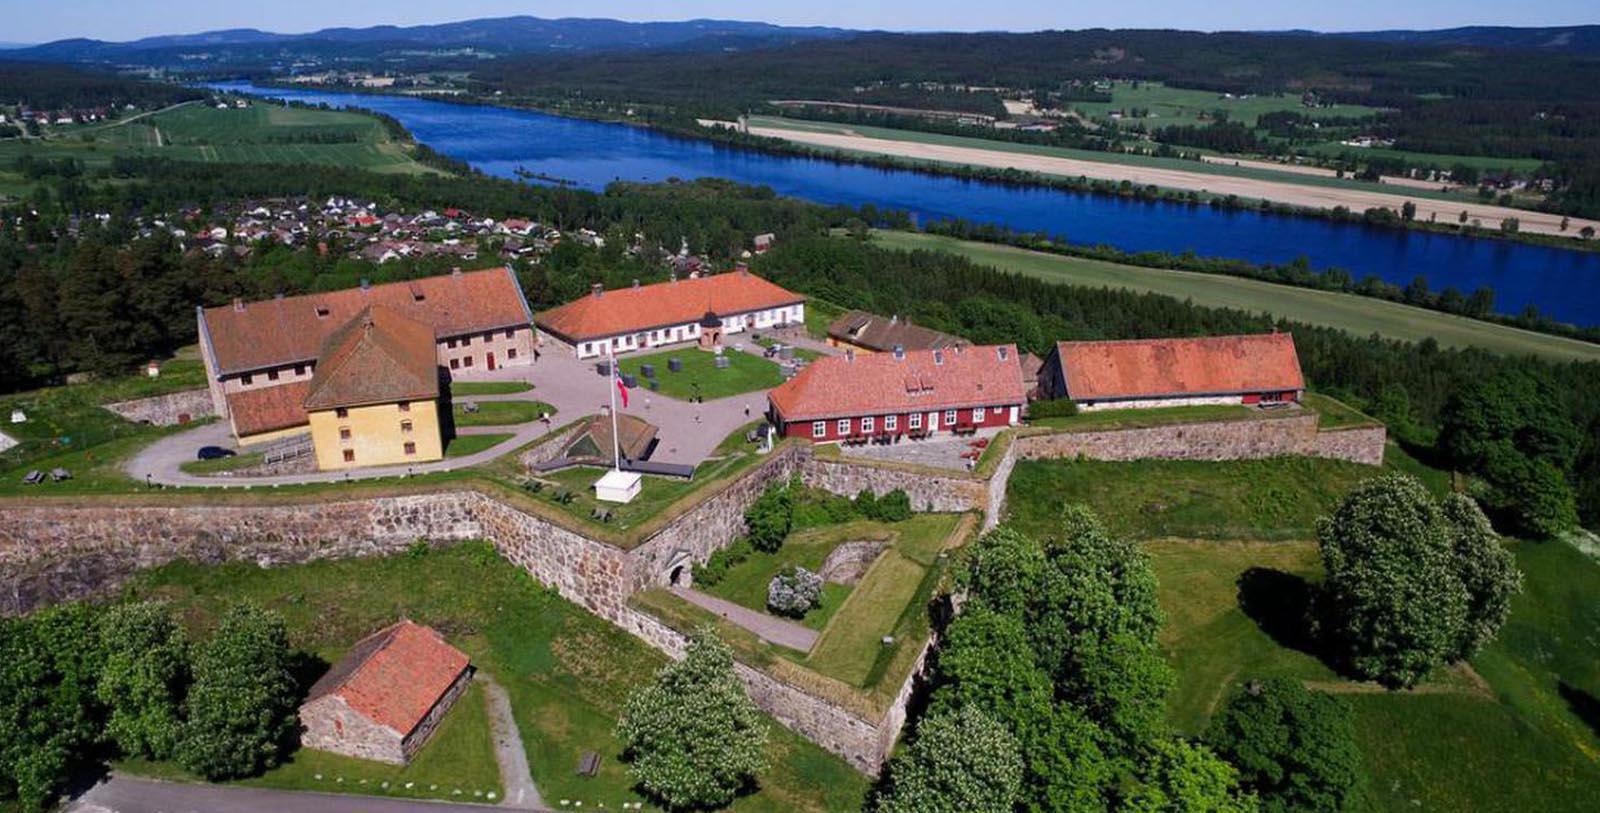 Festningen Castle  in Kongsvinger